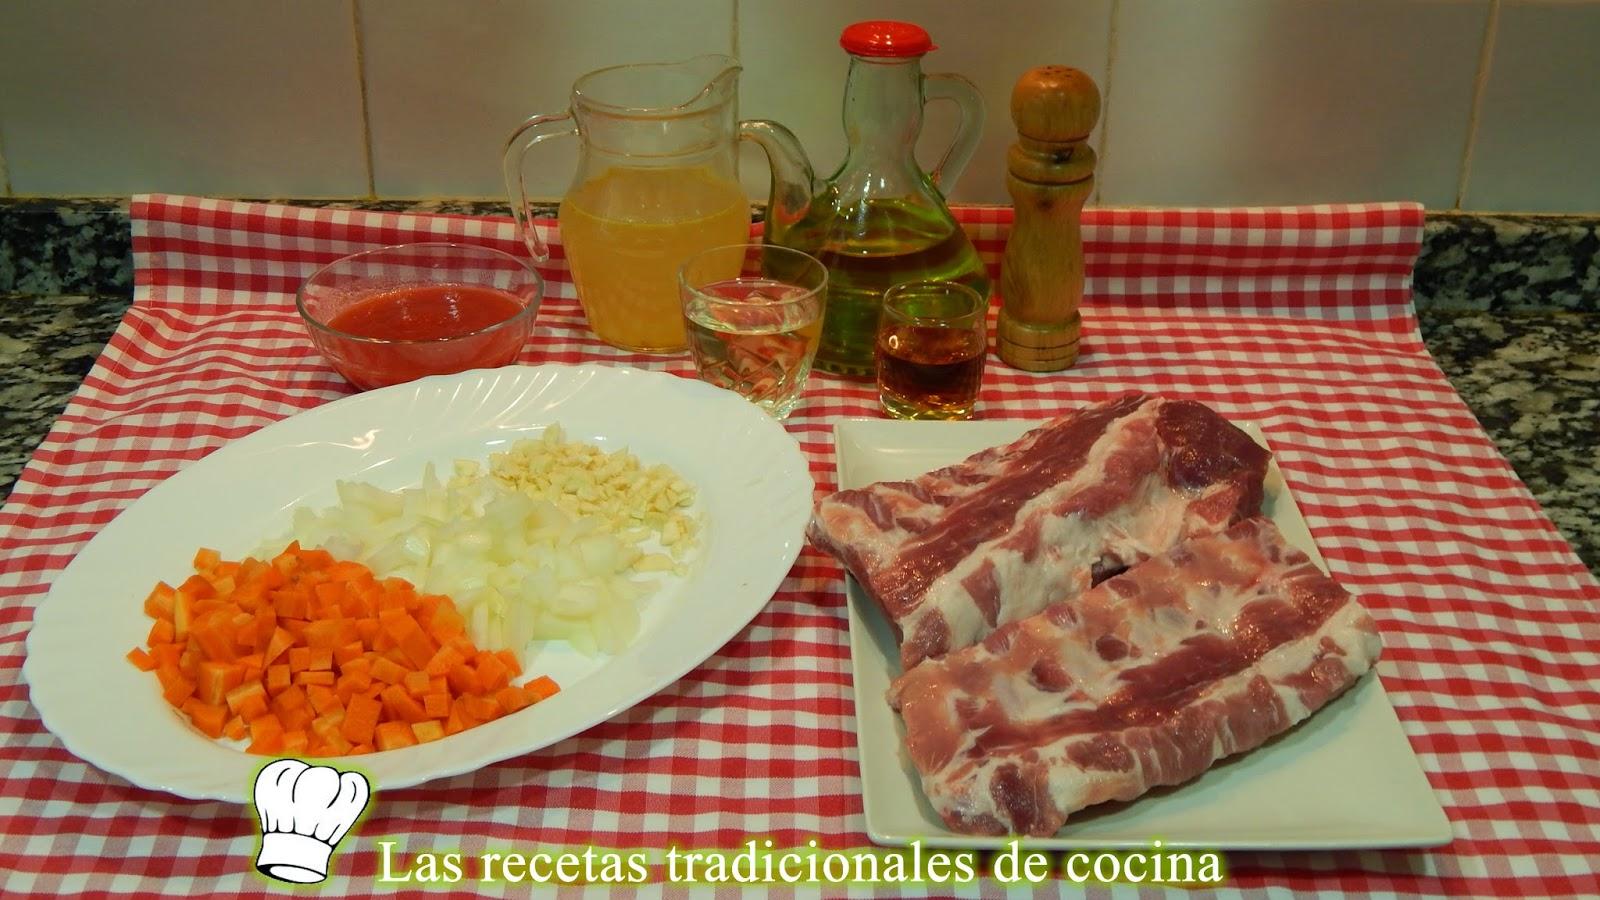 Receta fácil de costillas en salsa al horno